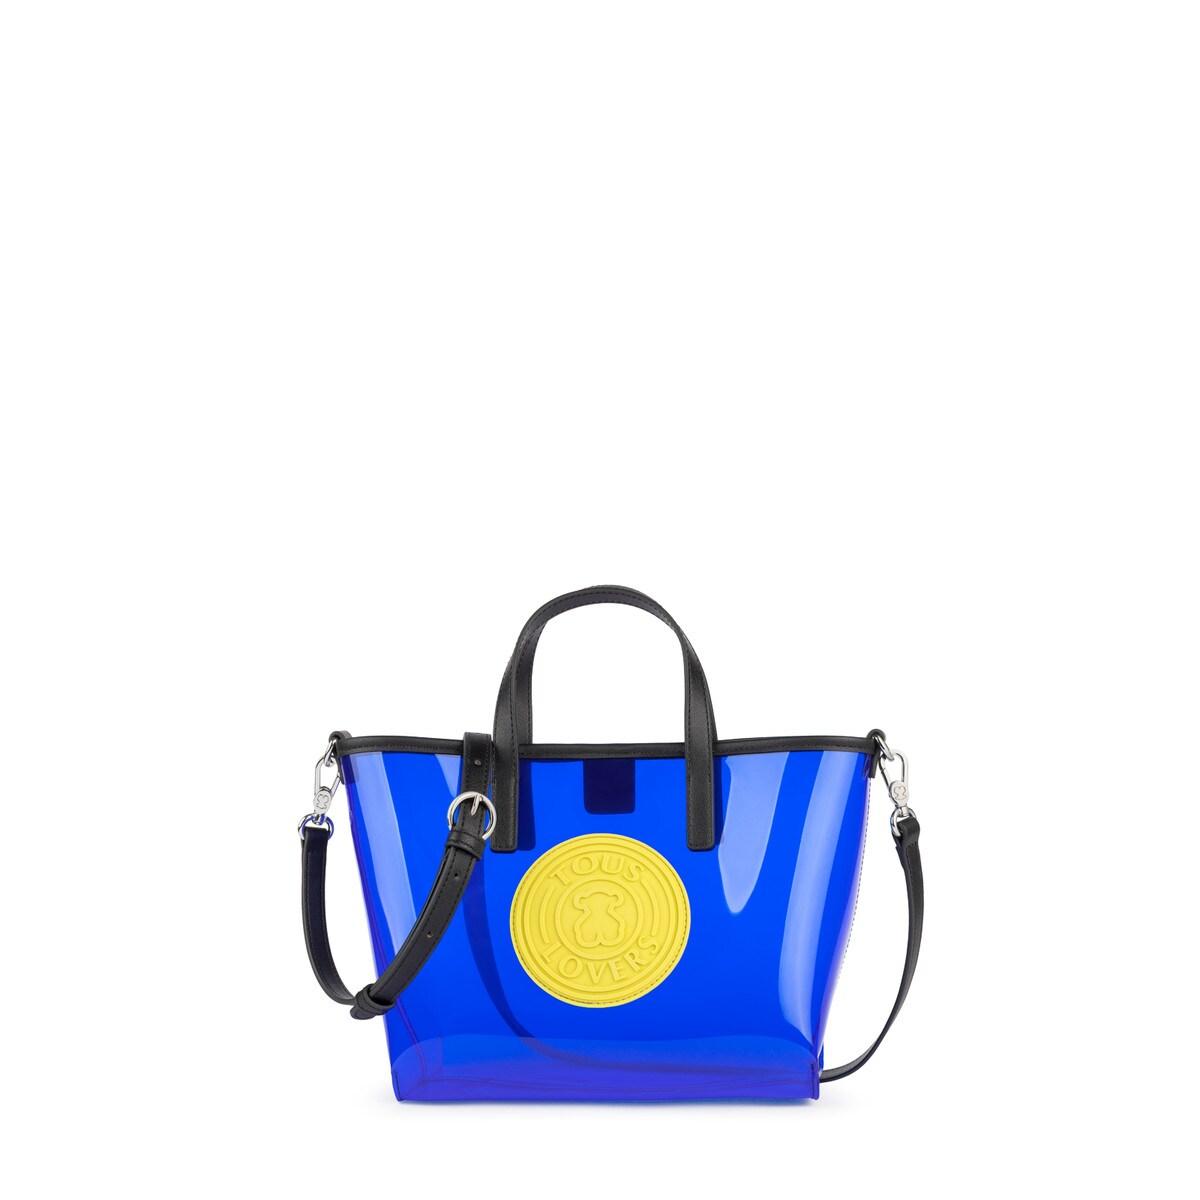 721017f6fc3f4 Small blue Tous Gum tote bag - Tous Site Puerto Rico